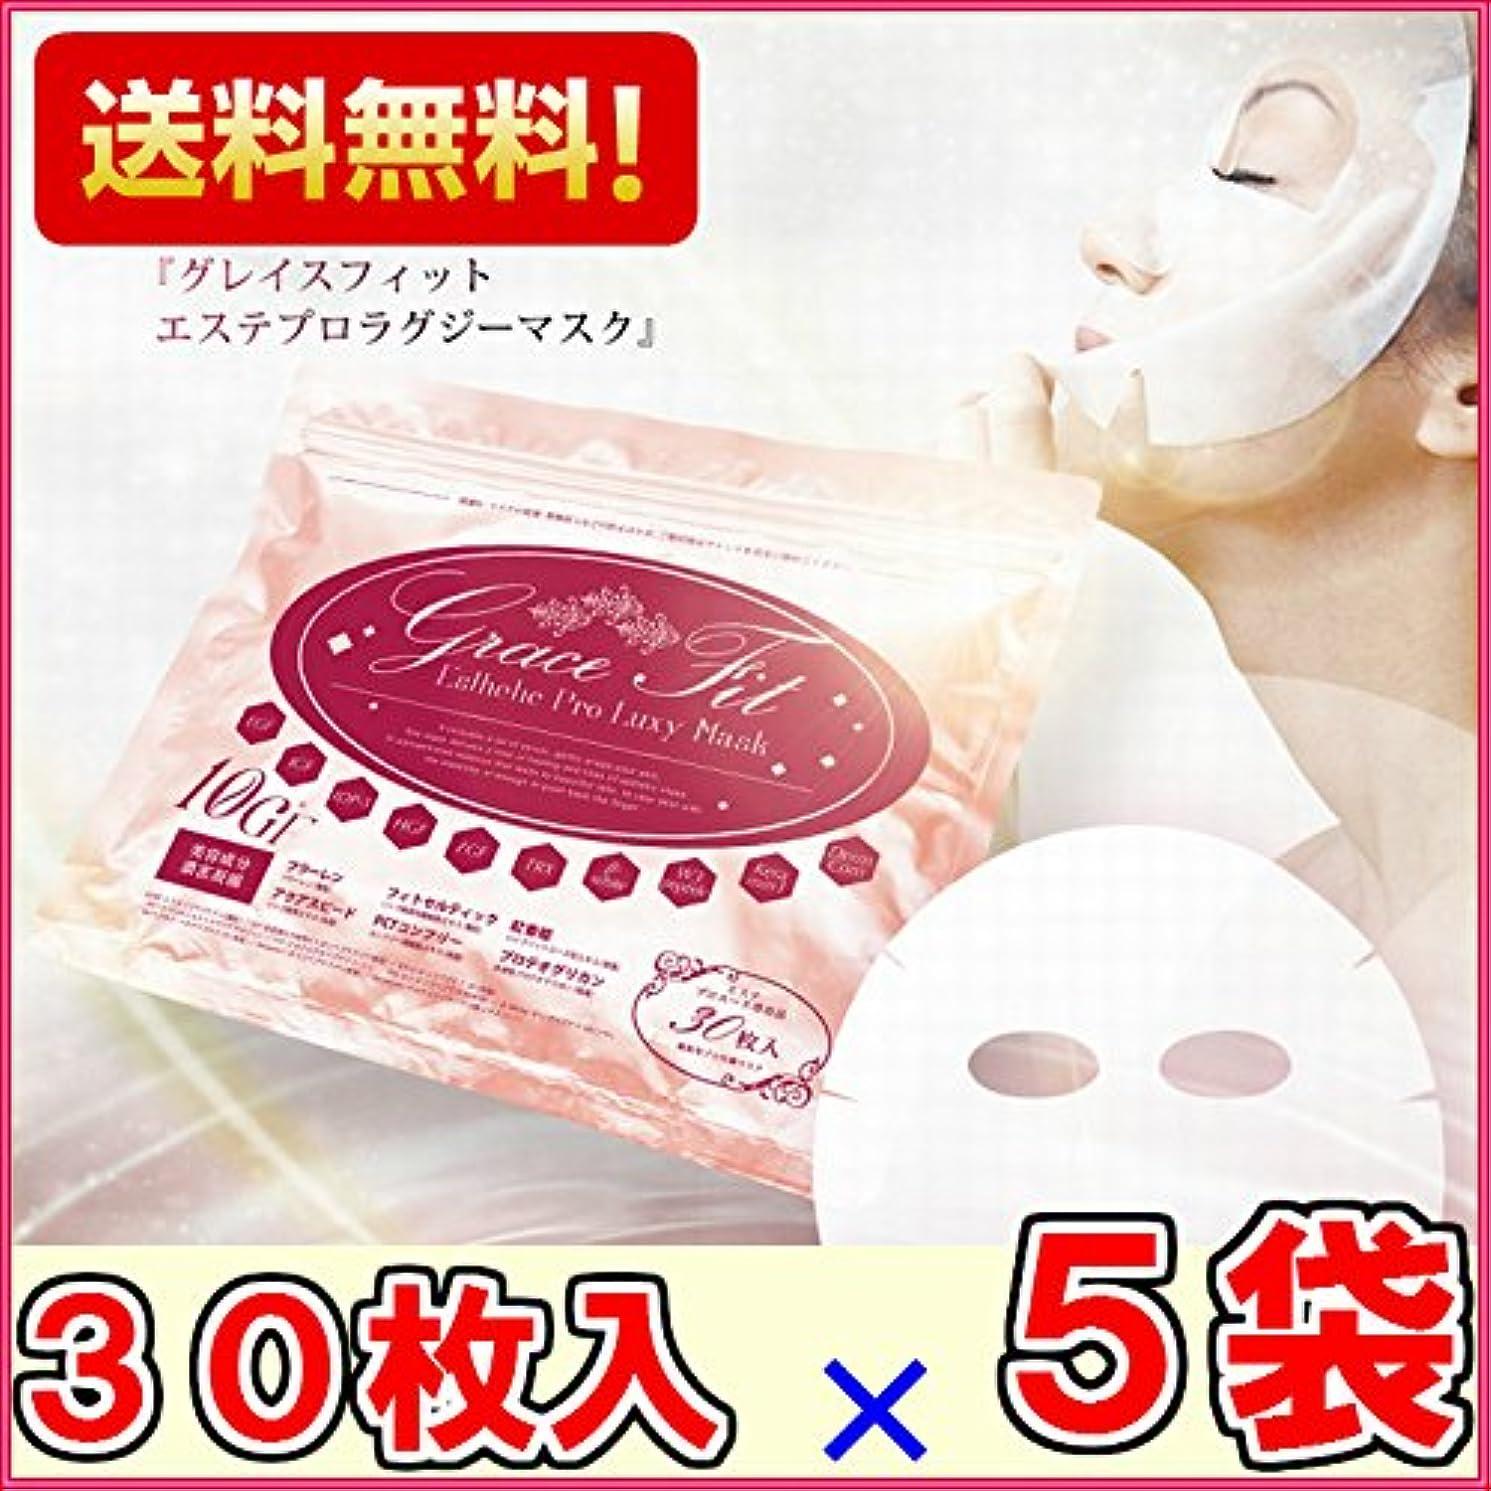 トランジスタ可能豚グレイスフィット エステプロ ラグジーマスク 30枚入 ×超お得5袋セット《エッセンスマスク、EGF、IGF、ヒアルロン酸、プラセンタ、アルブチン、カタツムリエキス、しみ、しわ》